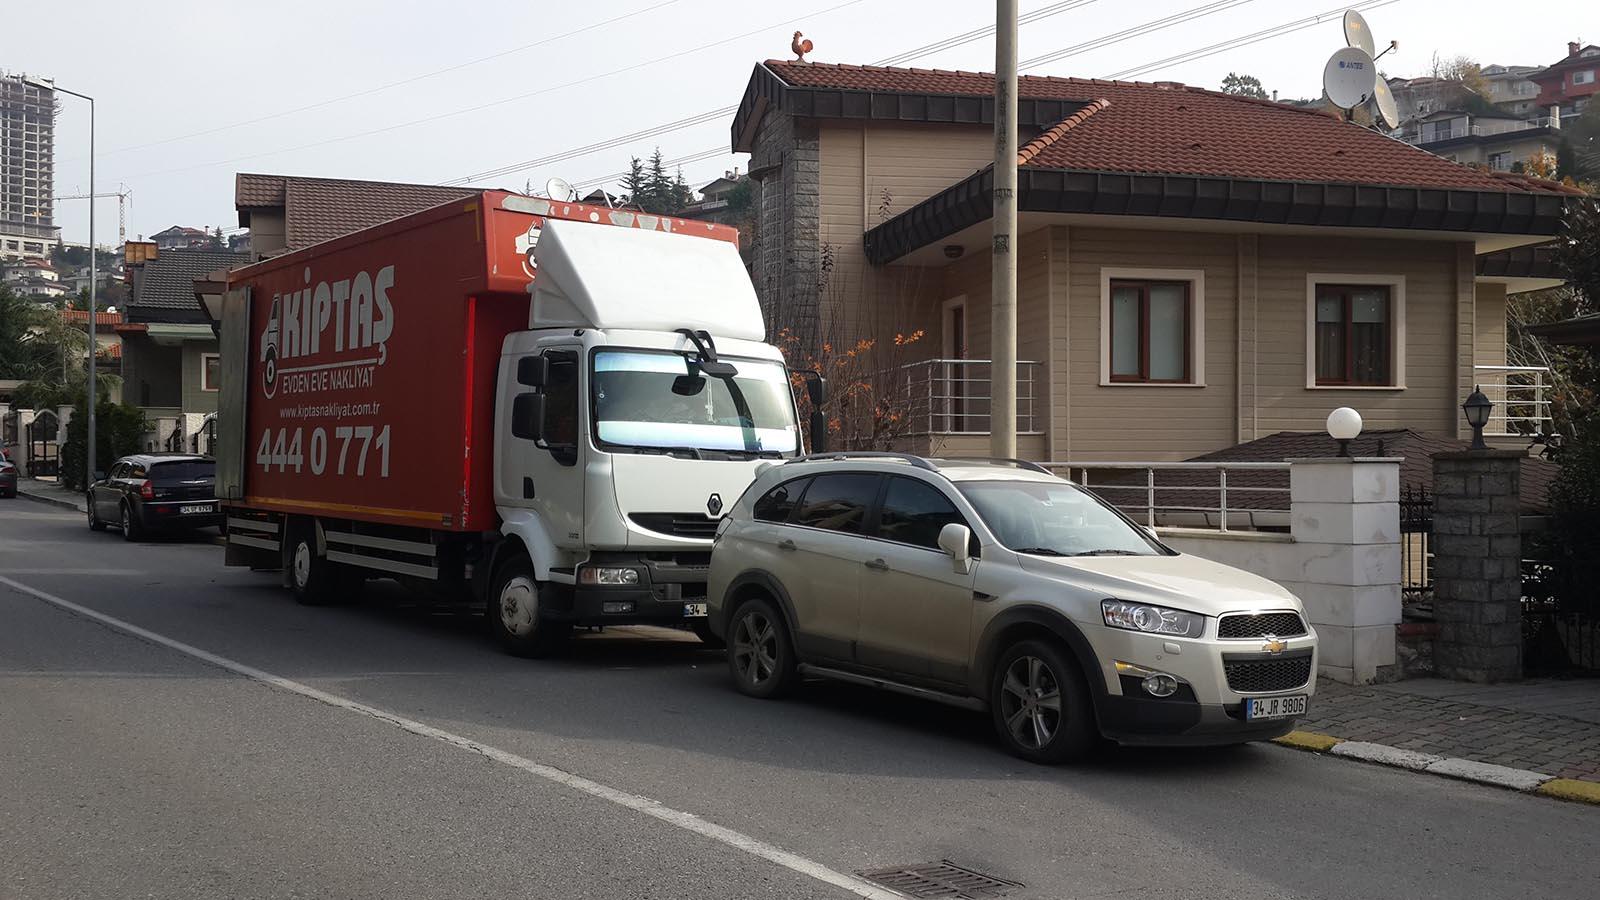 Gebze Ofis Nakliyesi